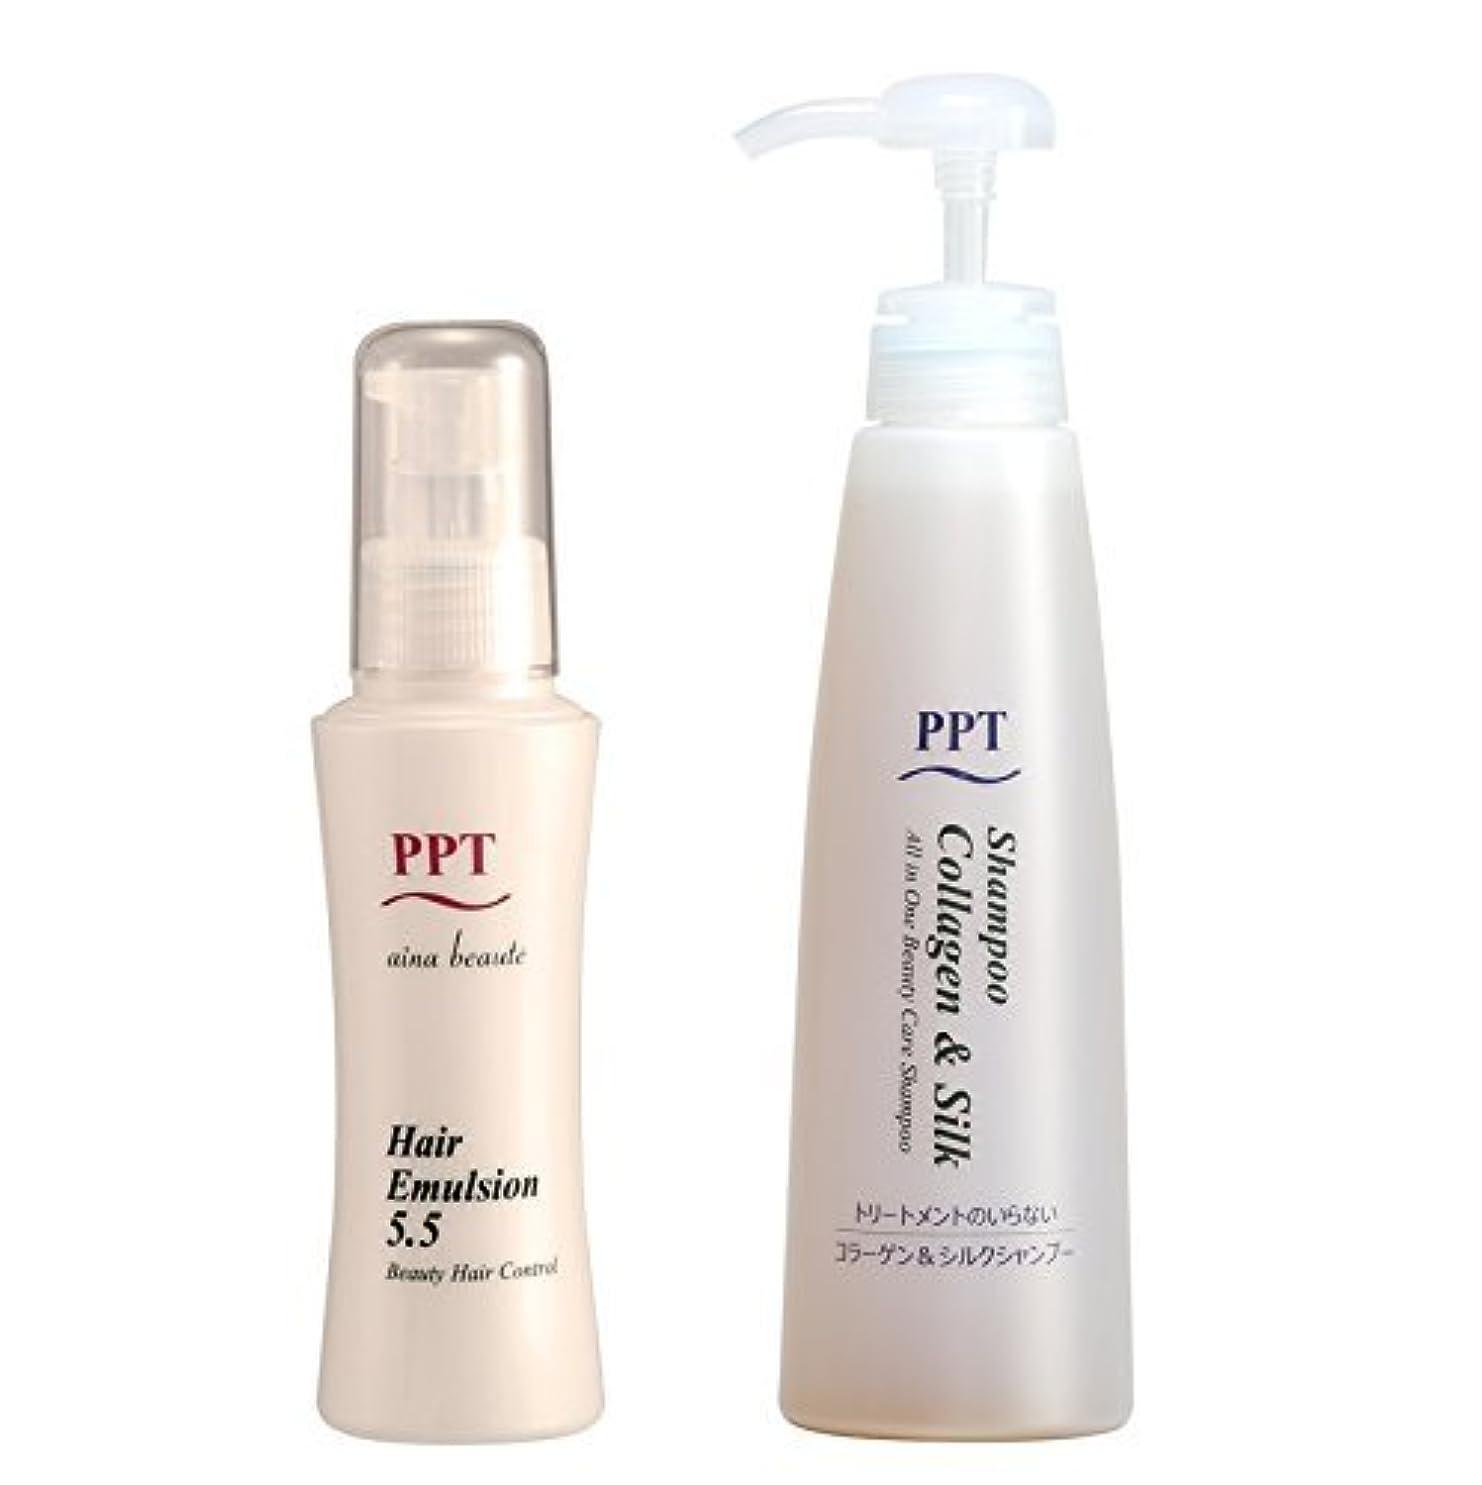 も展開するバンドルトリートメント不要 PPTコラーゲン&シルクシャンプー脂性肌~普通肌用(ふんわり)、PPTヘアエマルジョン5.5セット